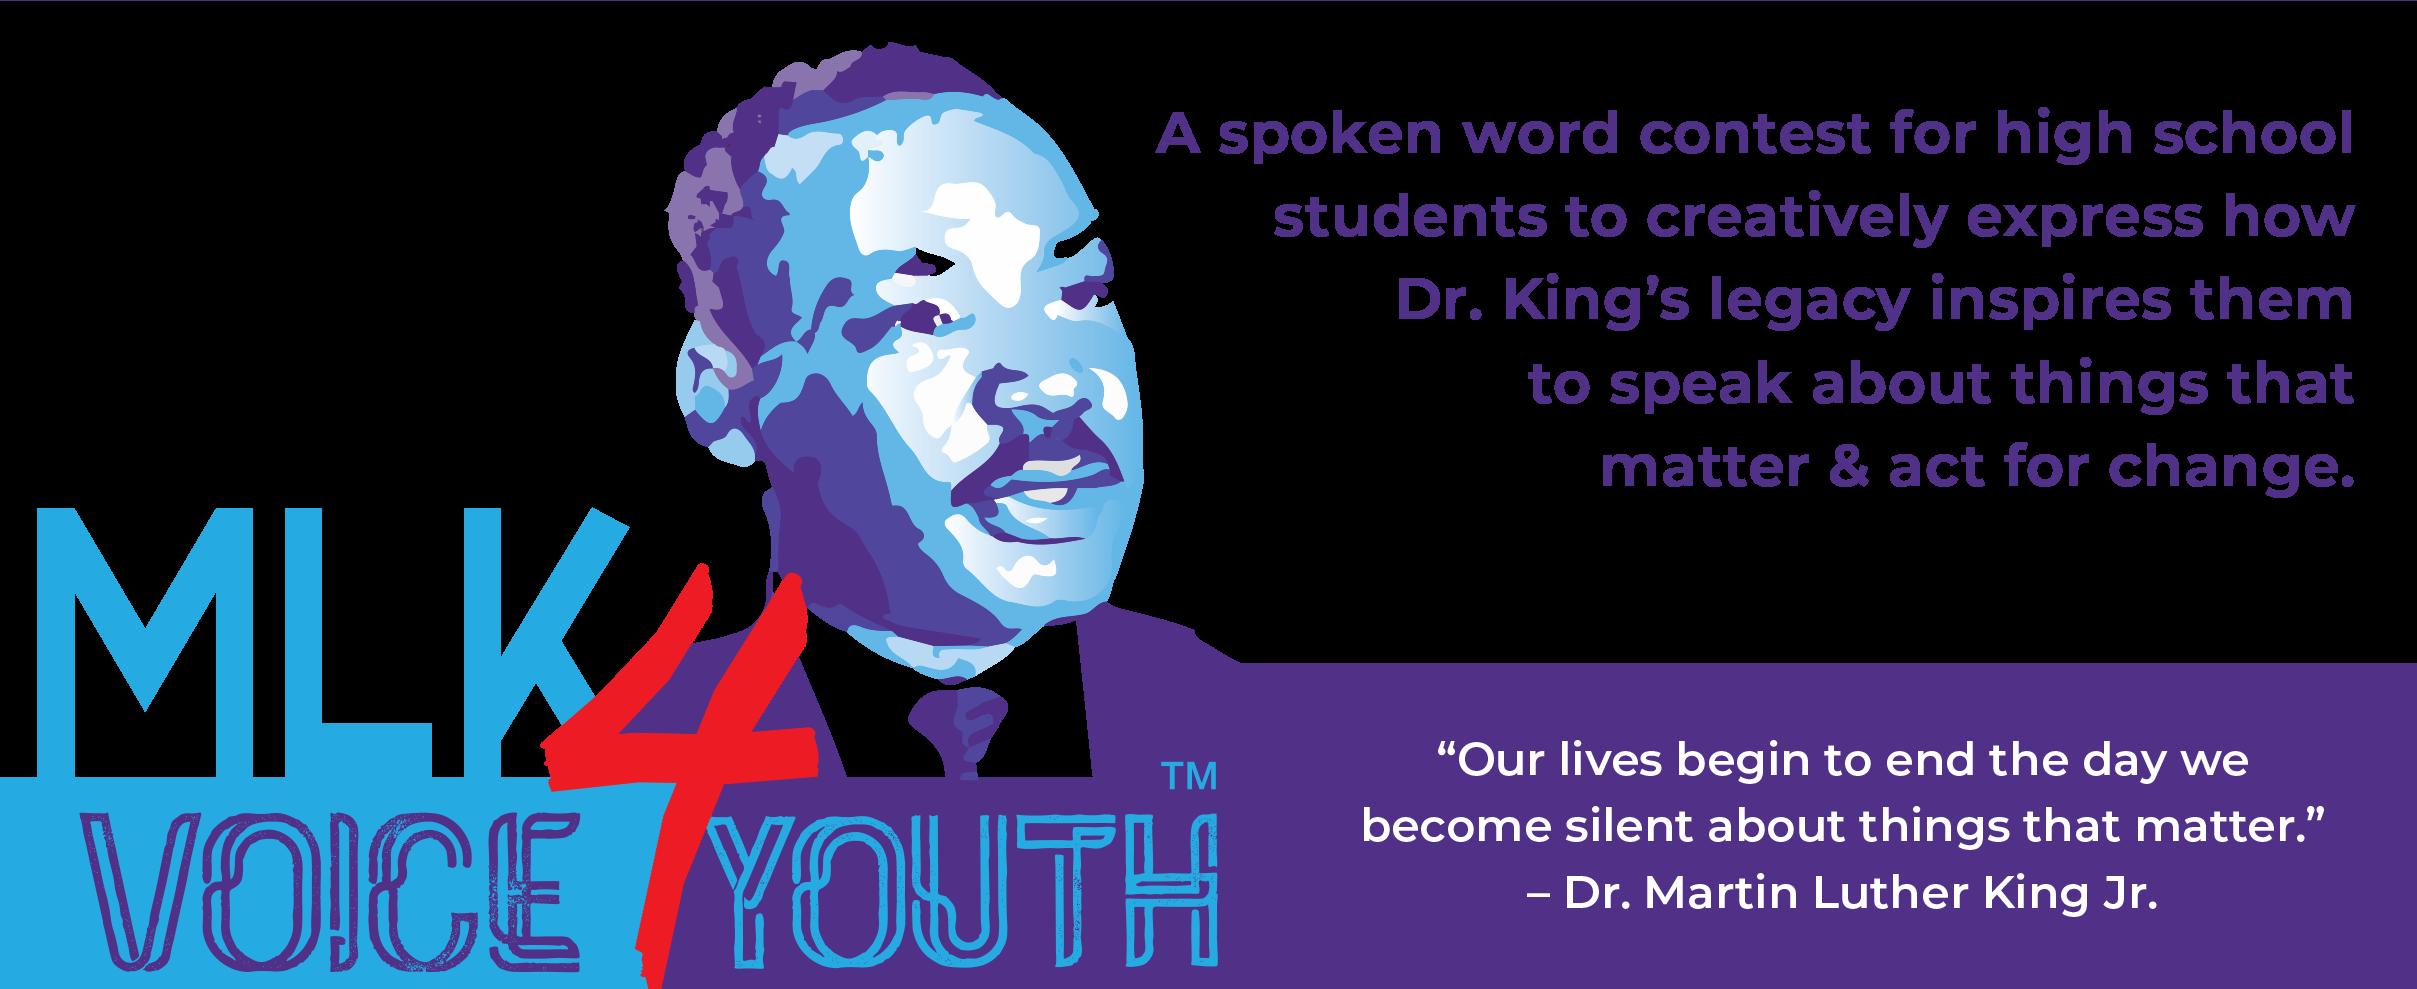 MLK VOICE 4 YOUTH header